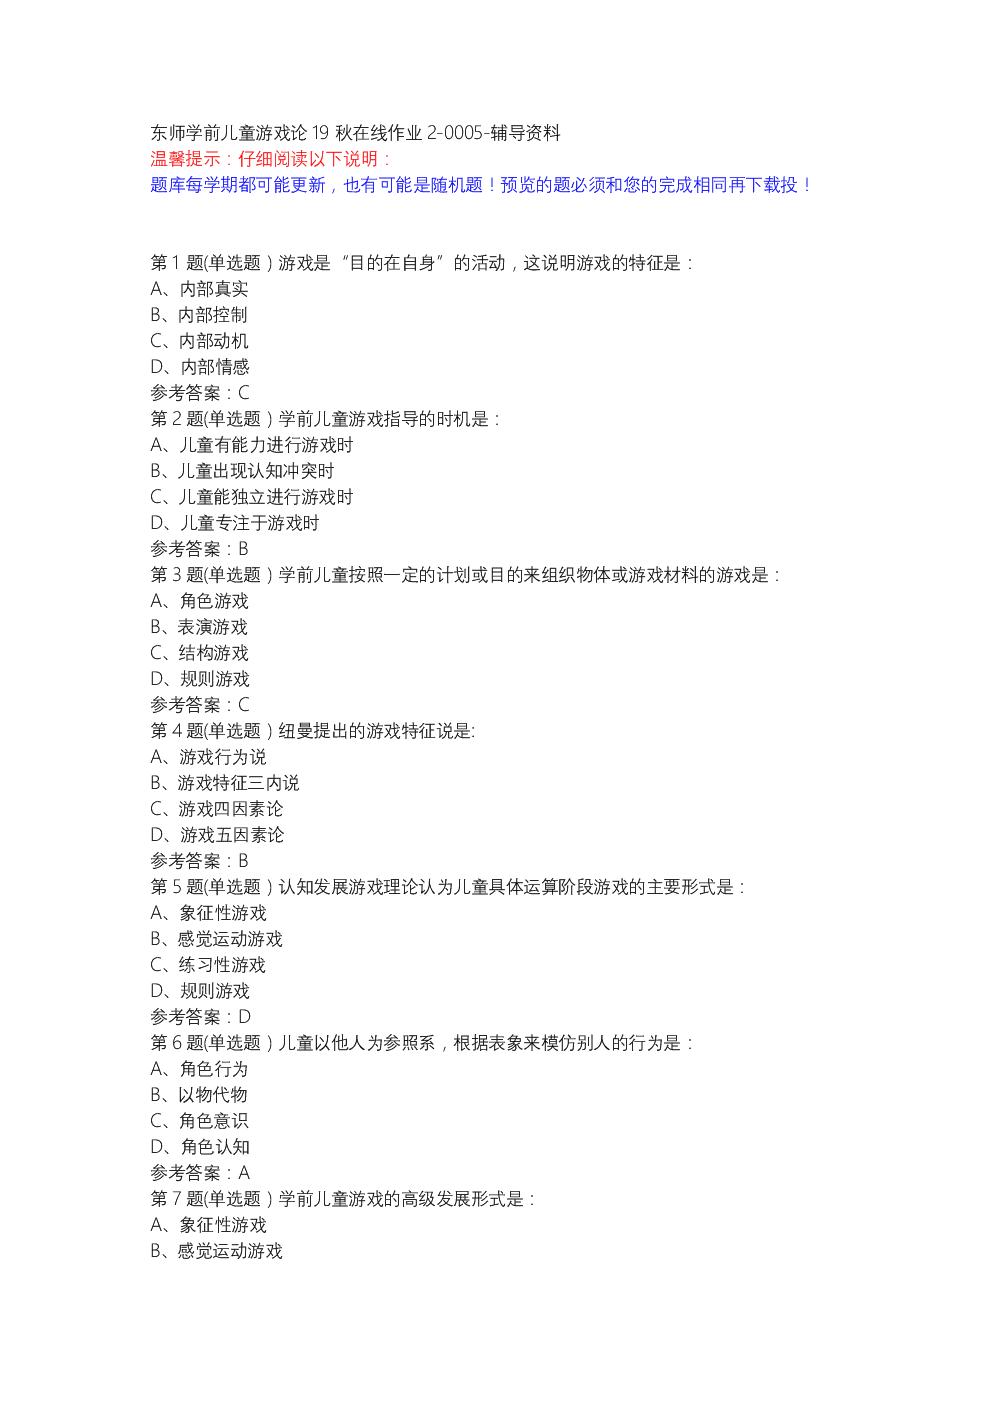 东师学前儿童游戏论19秋在线作业2-0005-辅导资料.docx